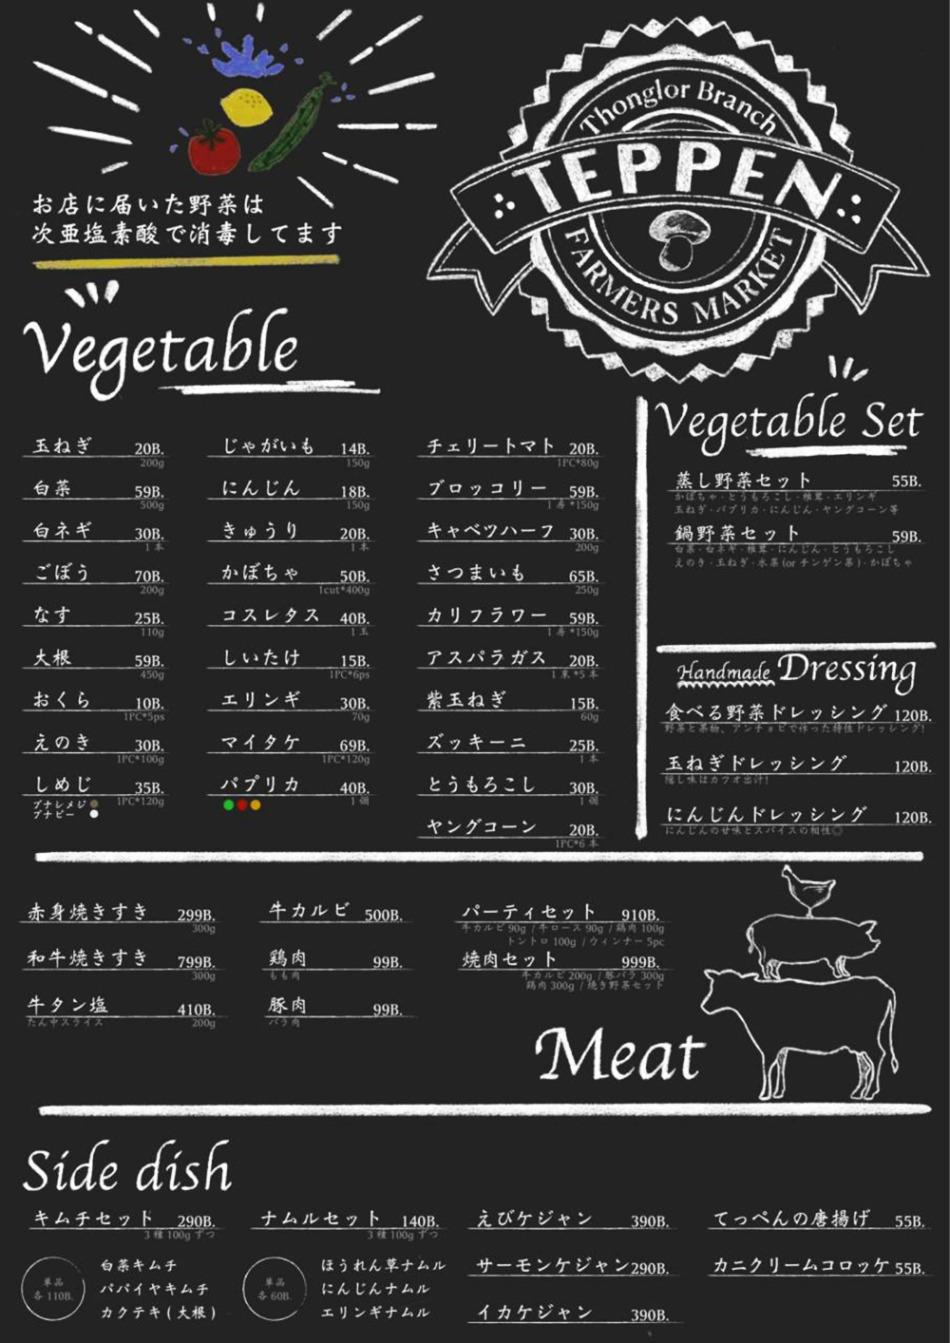 トンロー店では野菜もデリバリーできます